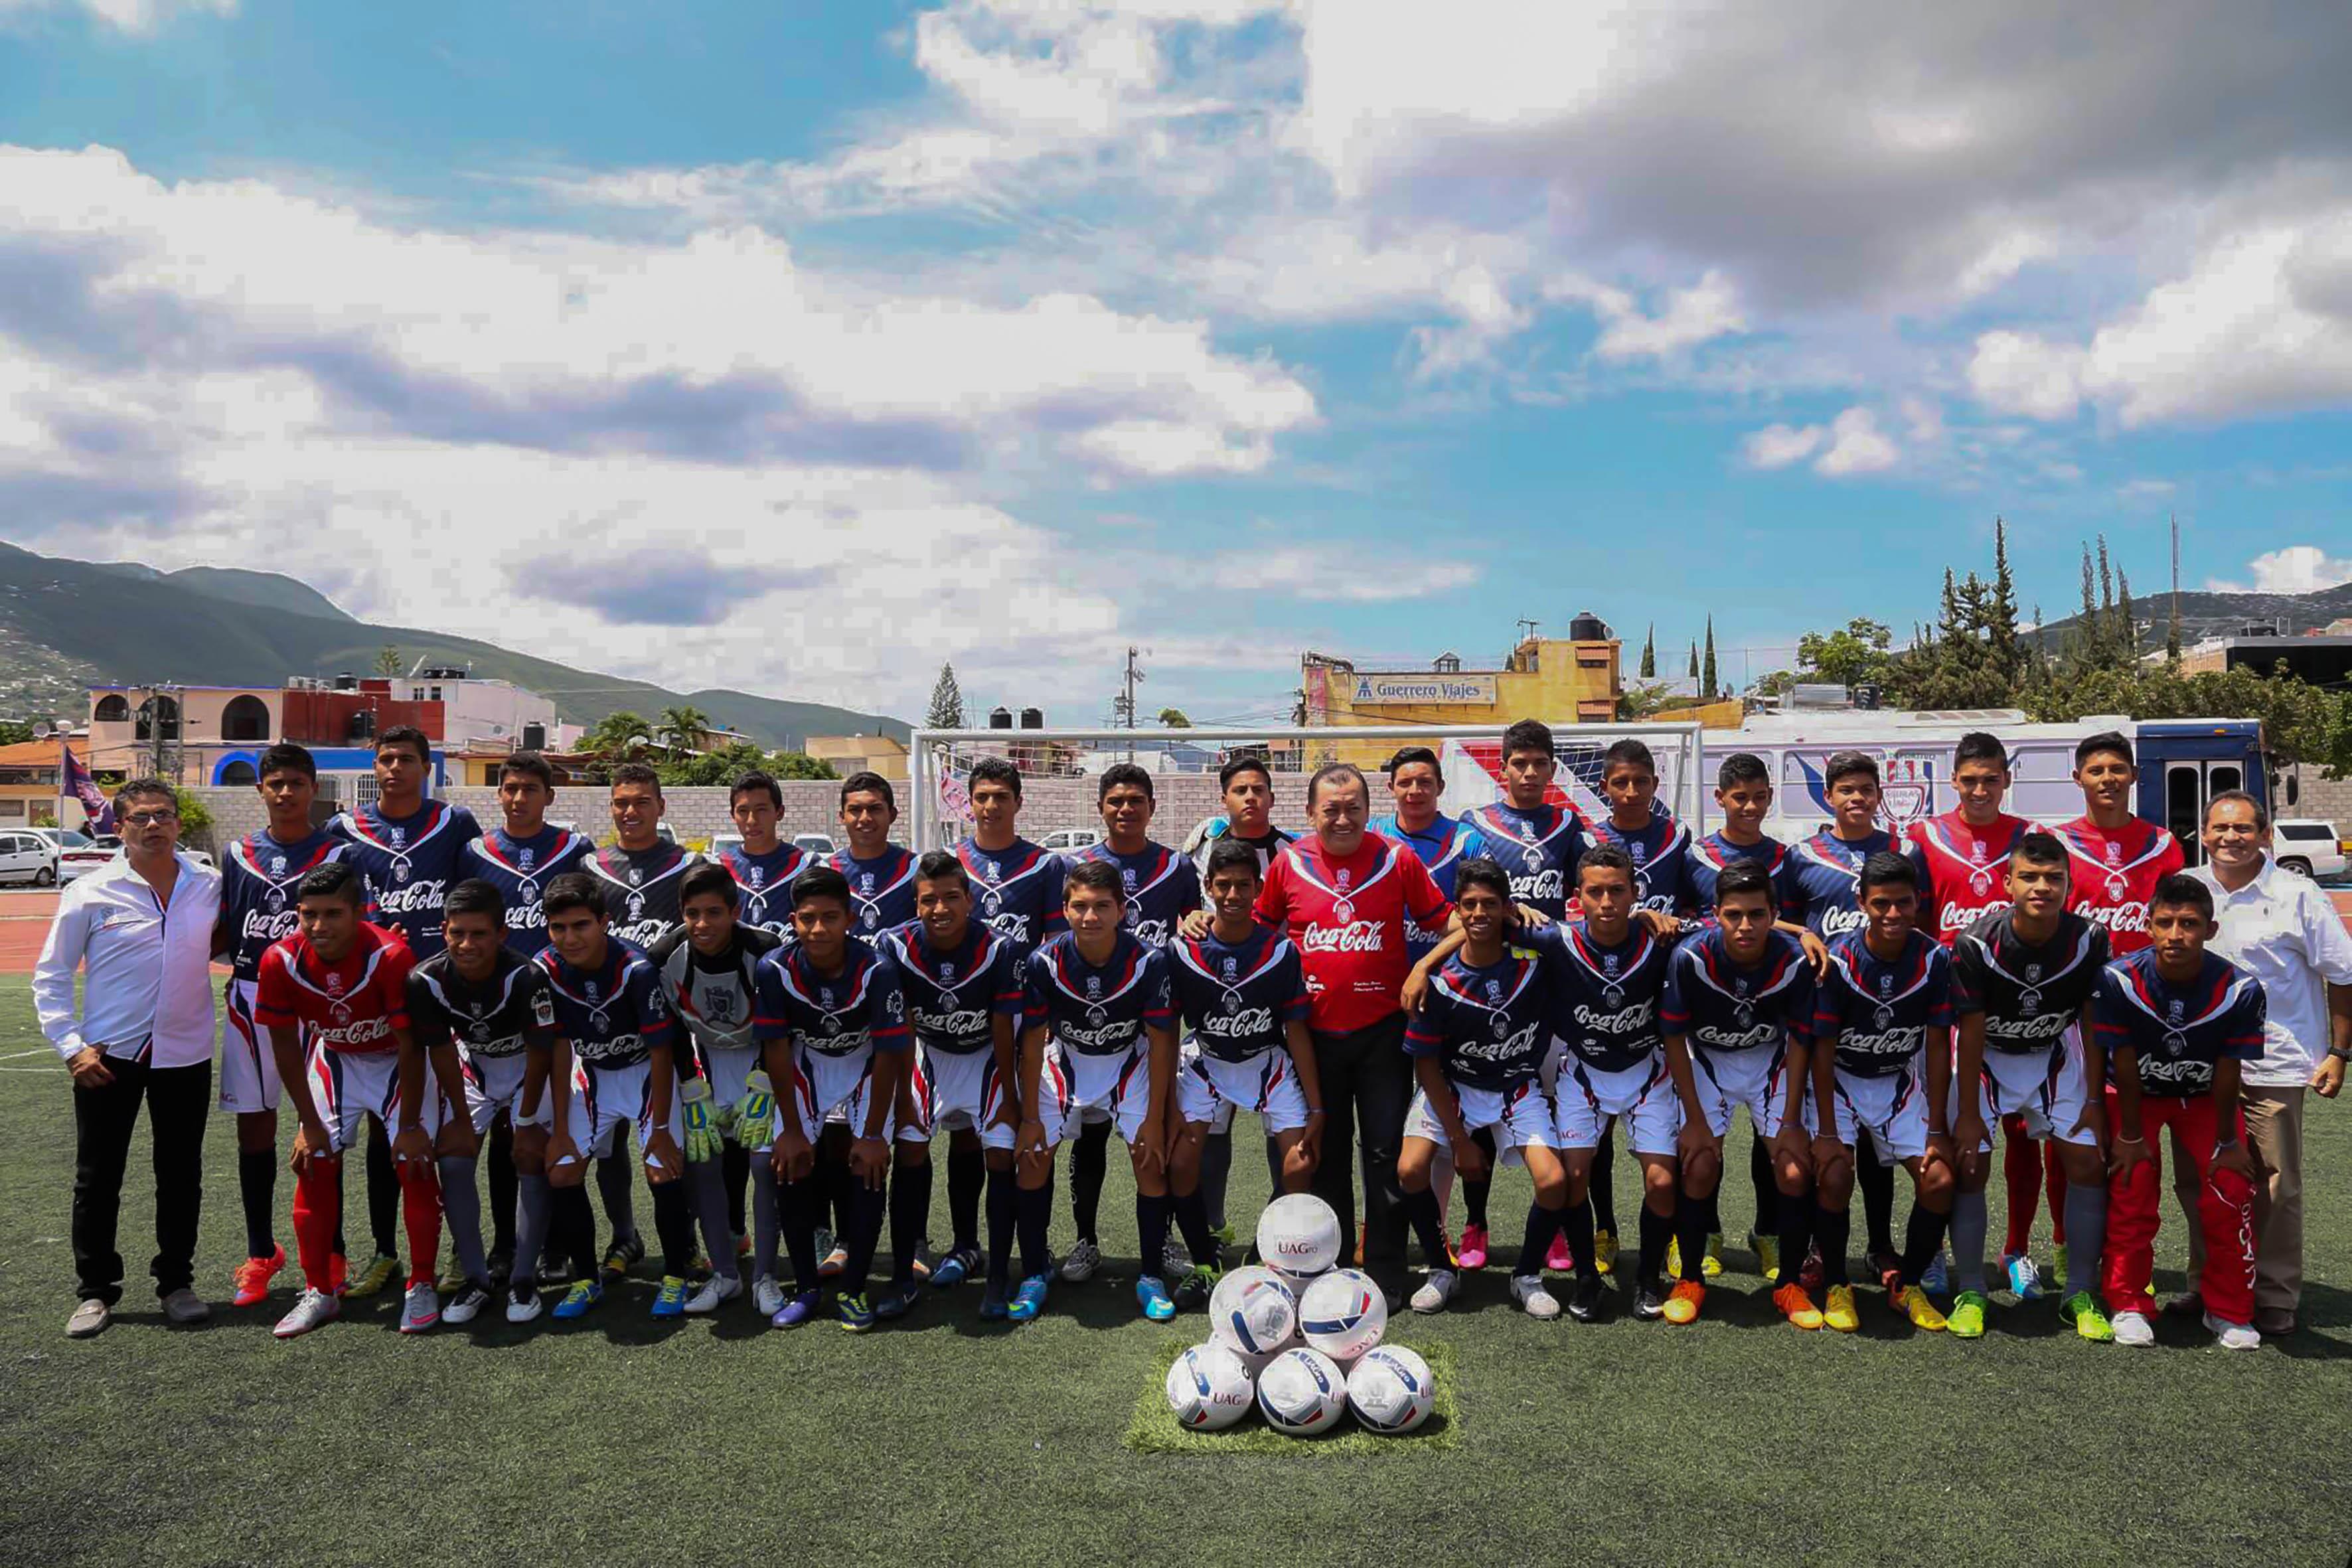 Juegos liga mexicana del pacifico online dating 6